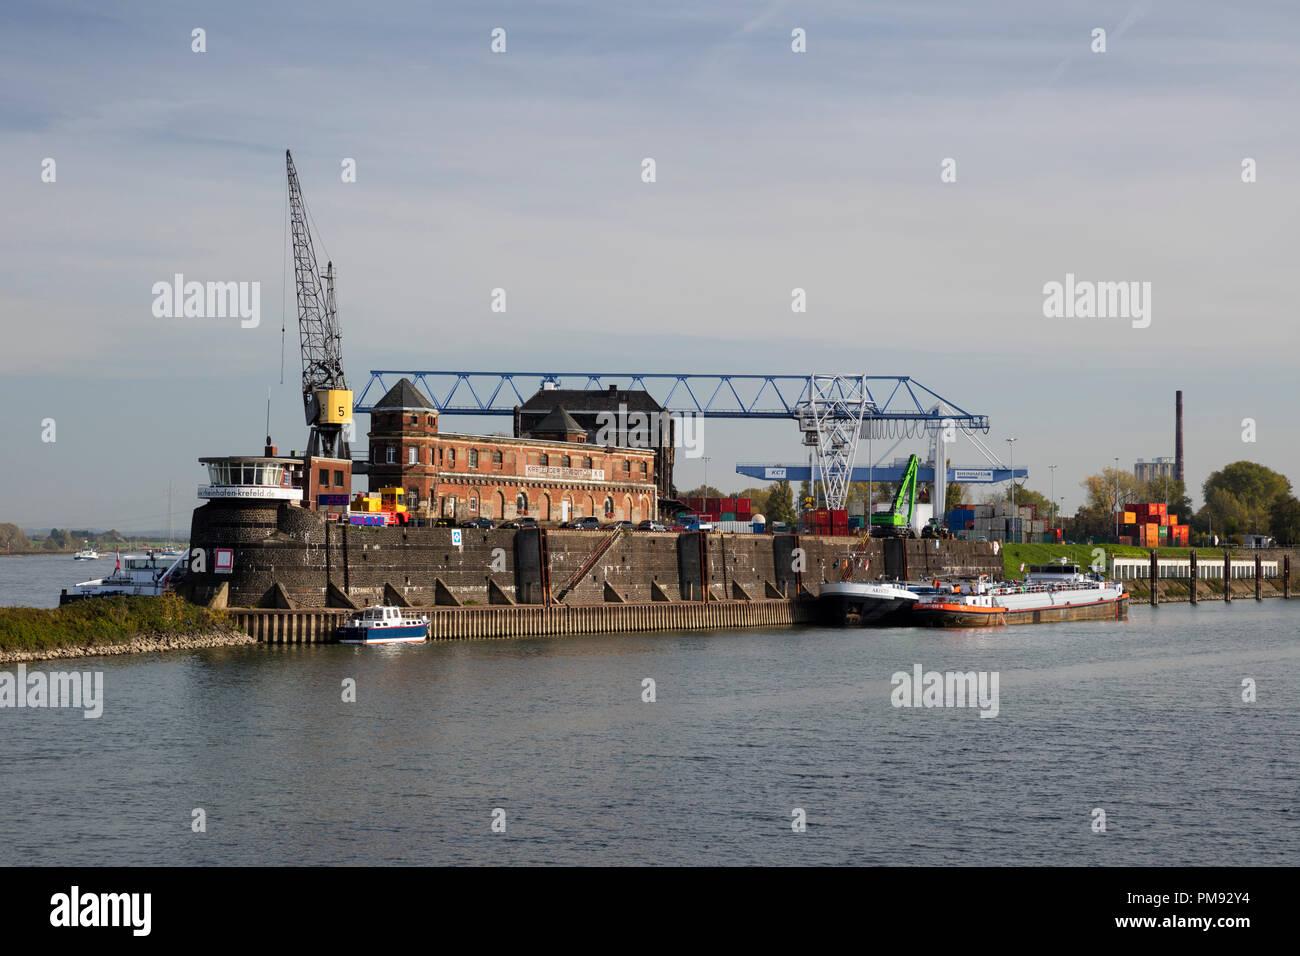 Industrial harbor, Krefeld, Niederrhein, North Rhine-Westphalia, Germany, Europe - Stock Image